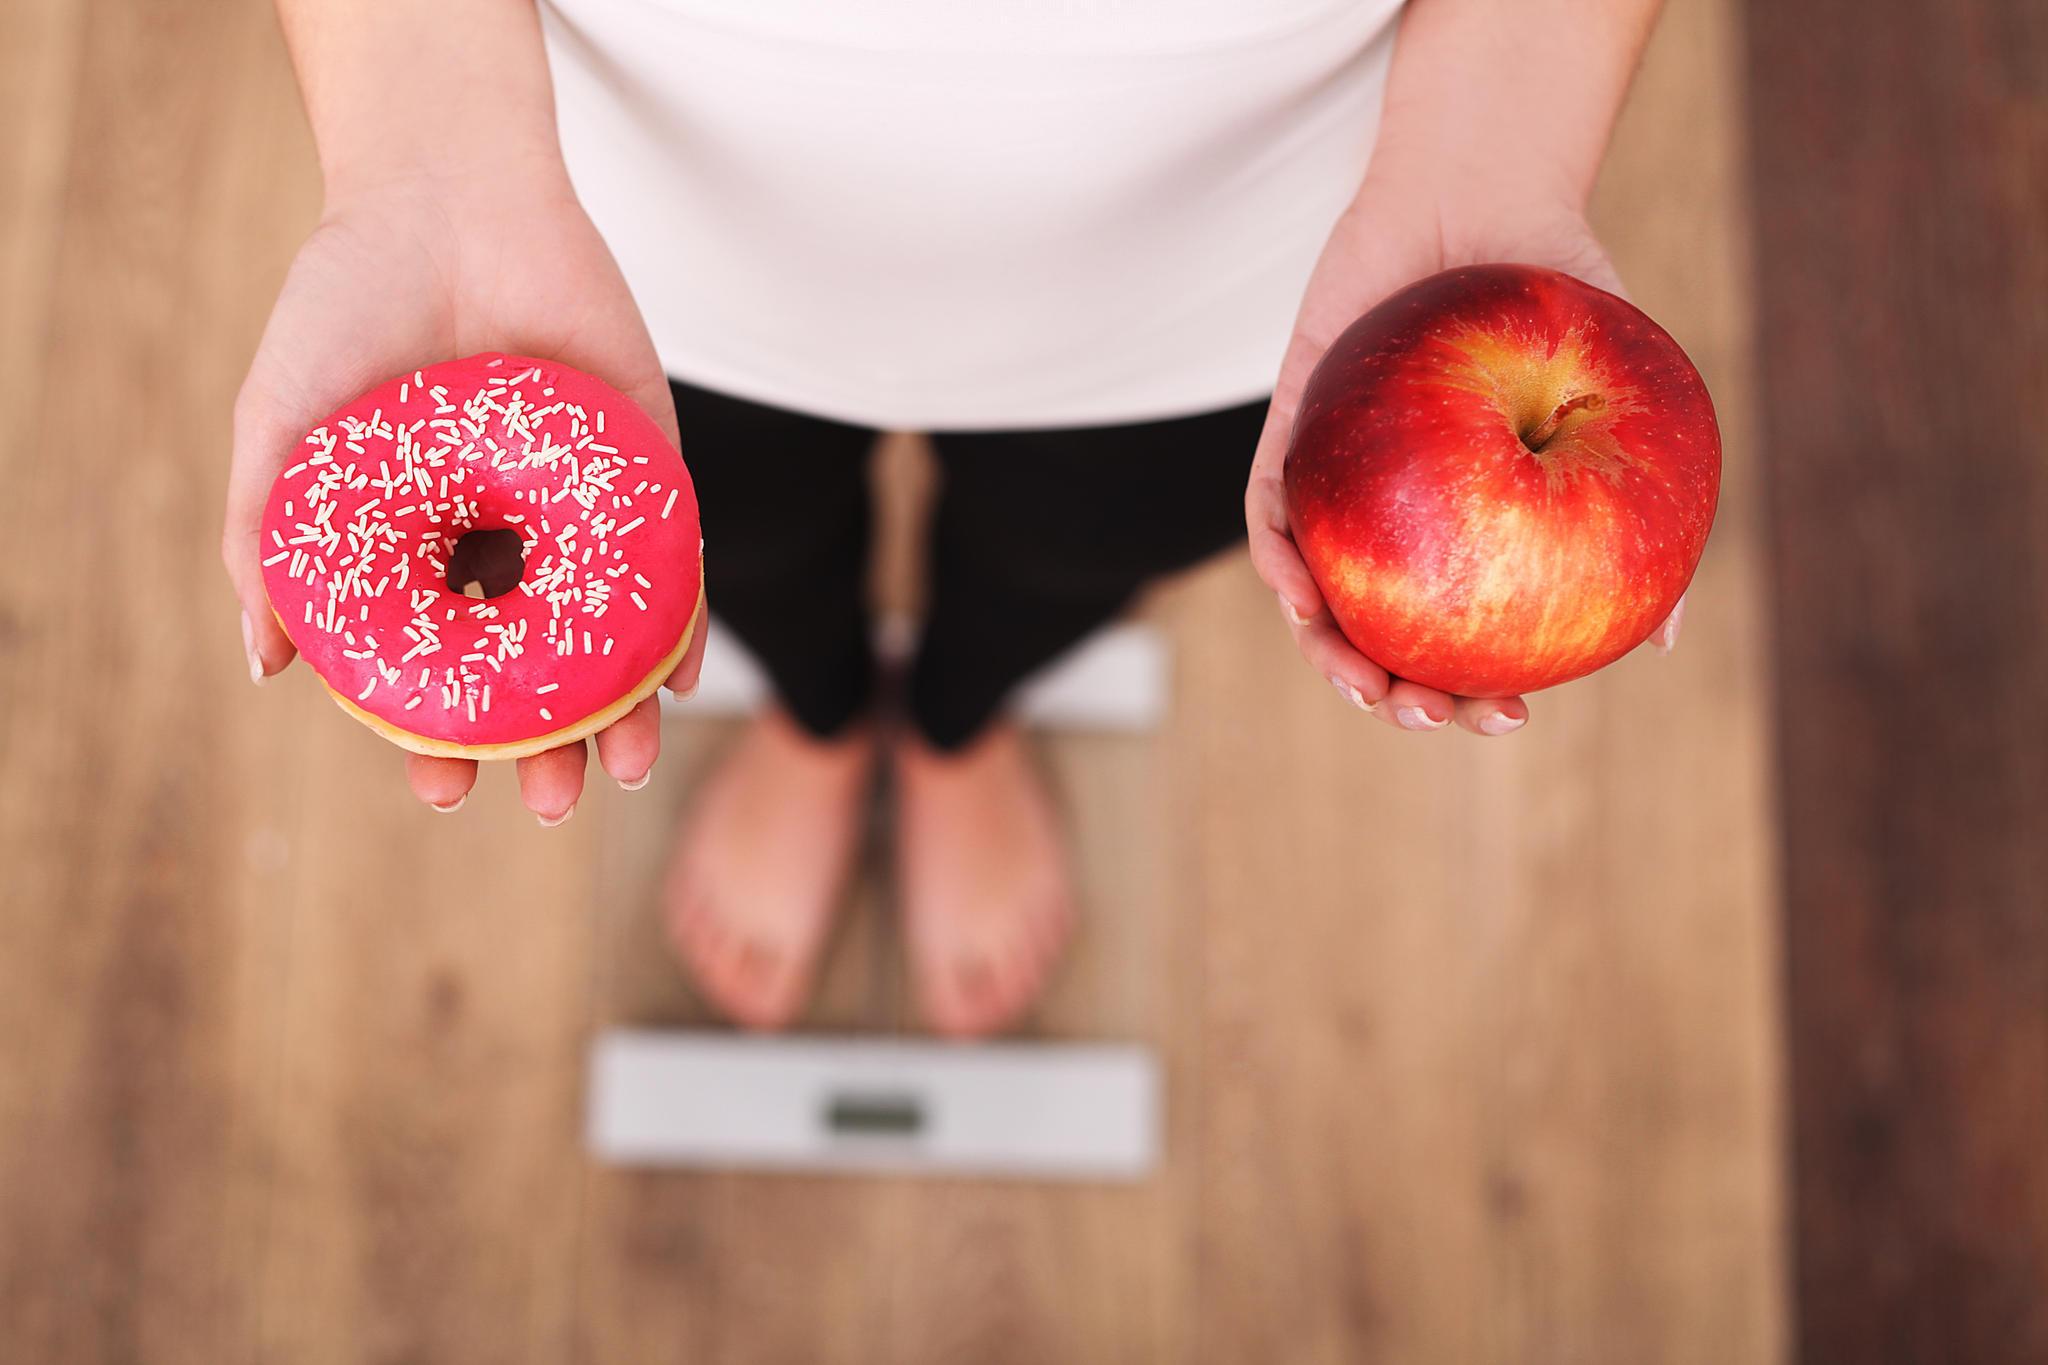 Sternzichen-Diät: Frau auf der Waage